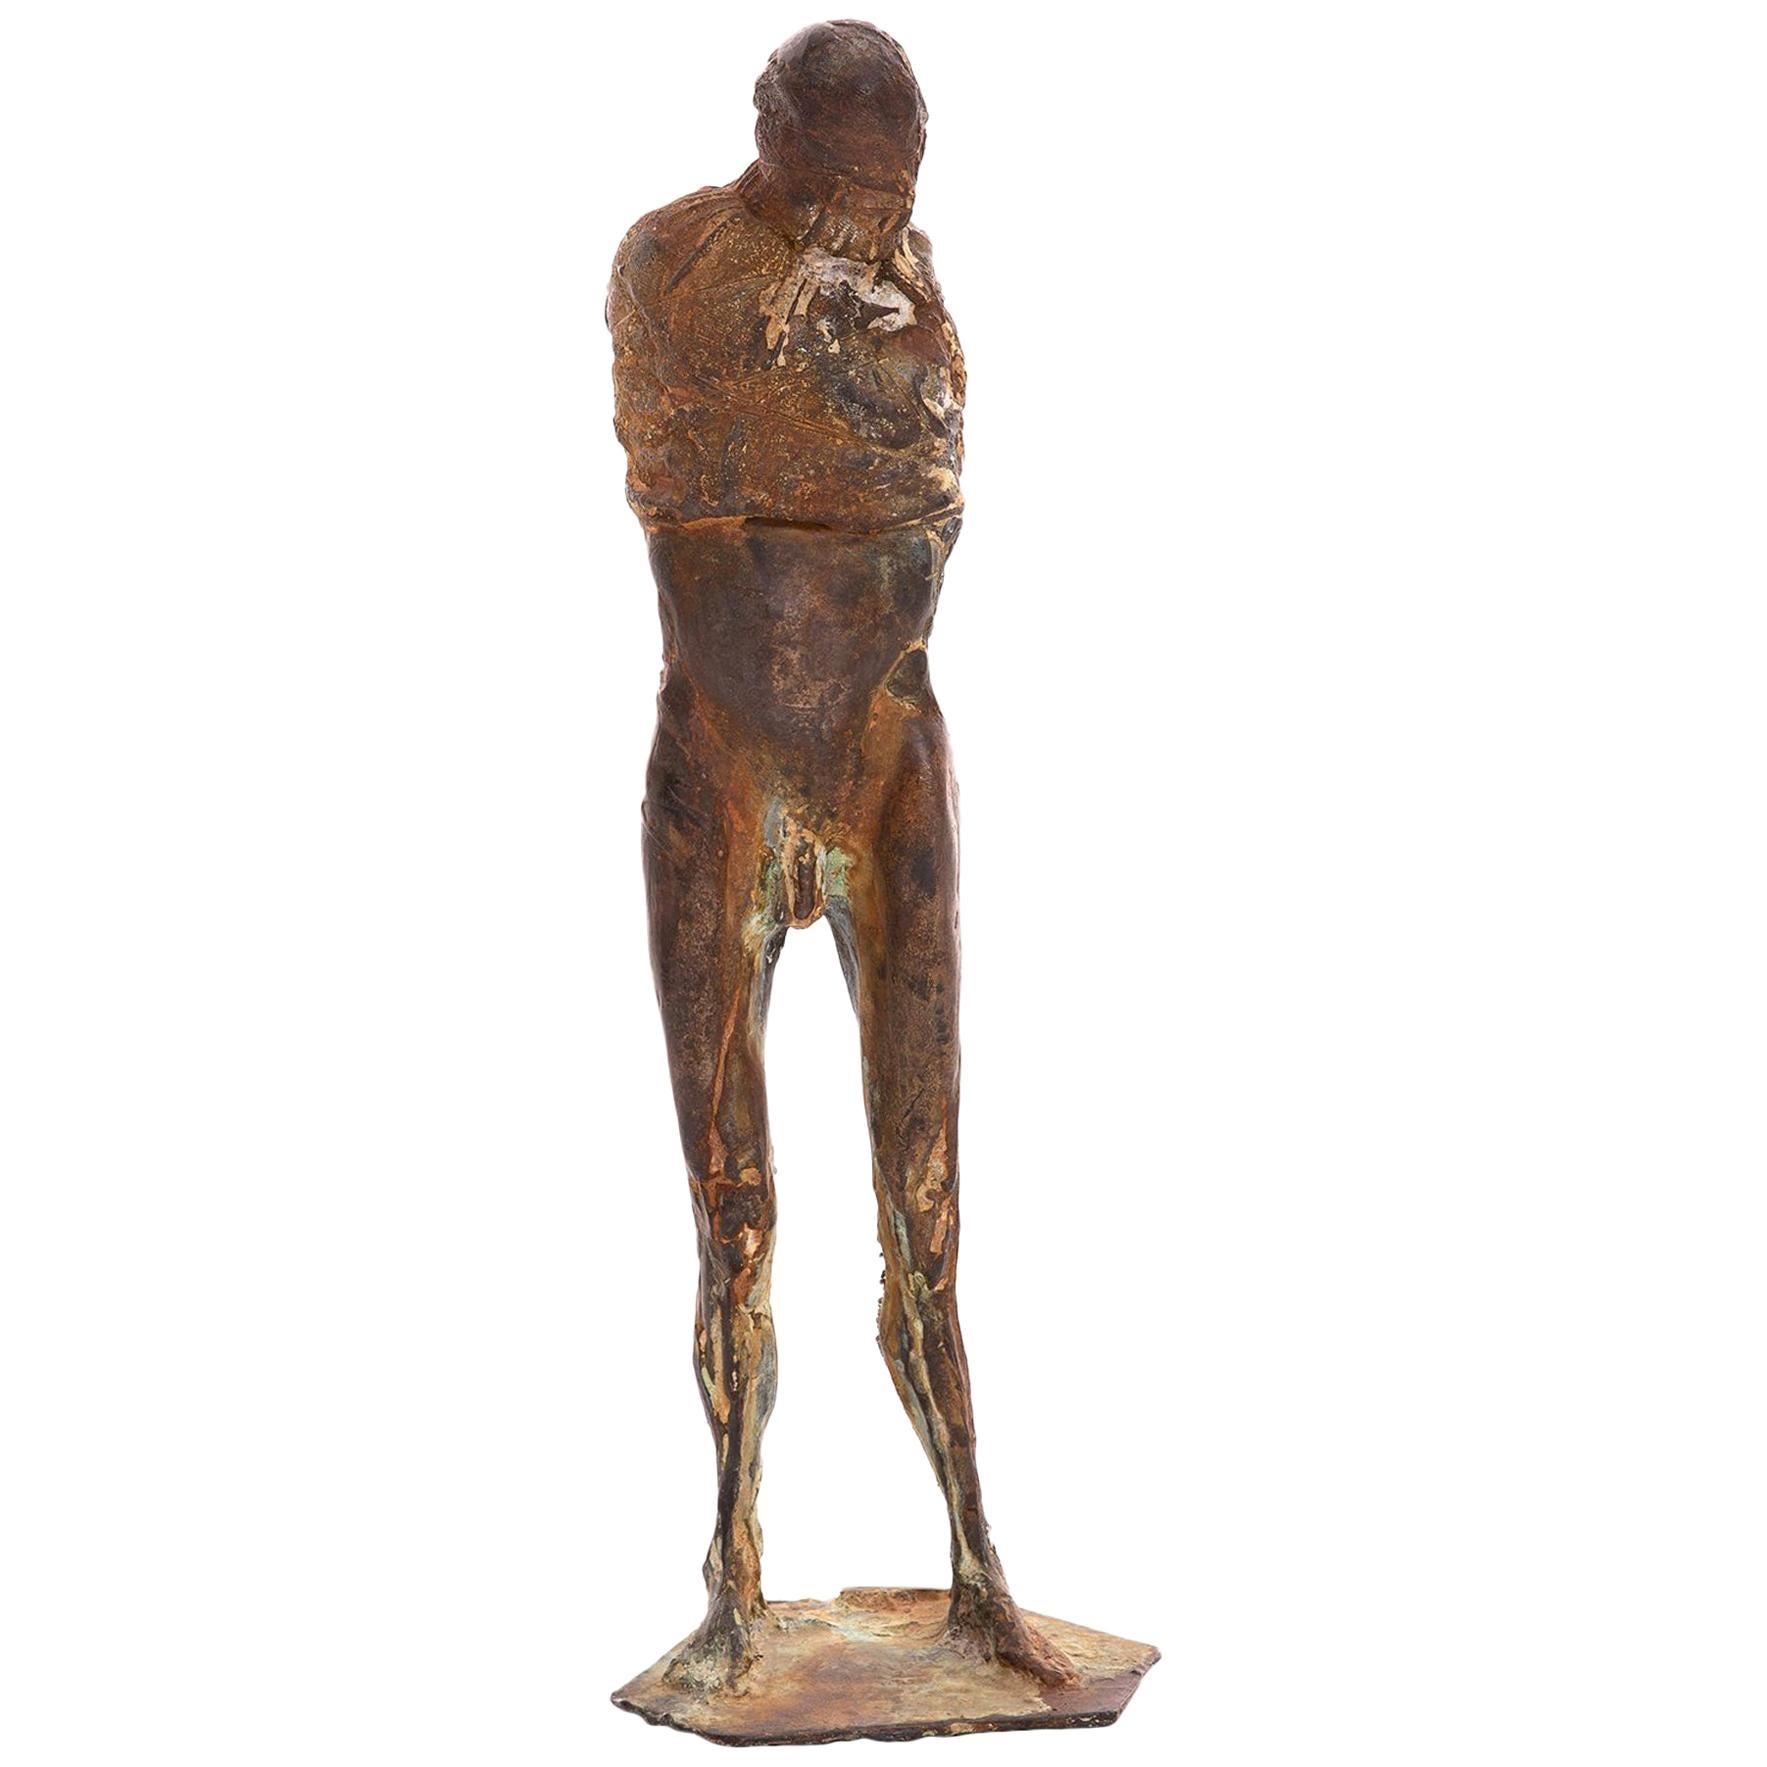 Bronze 1970s Figurative Sculpture by Carl Dahl